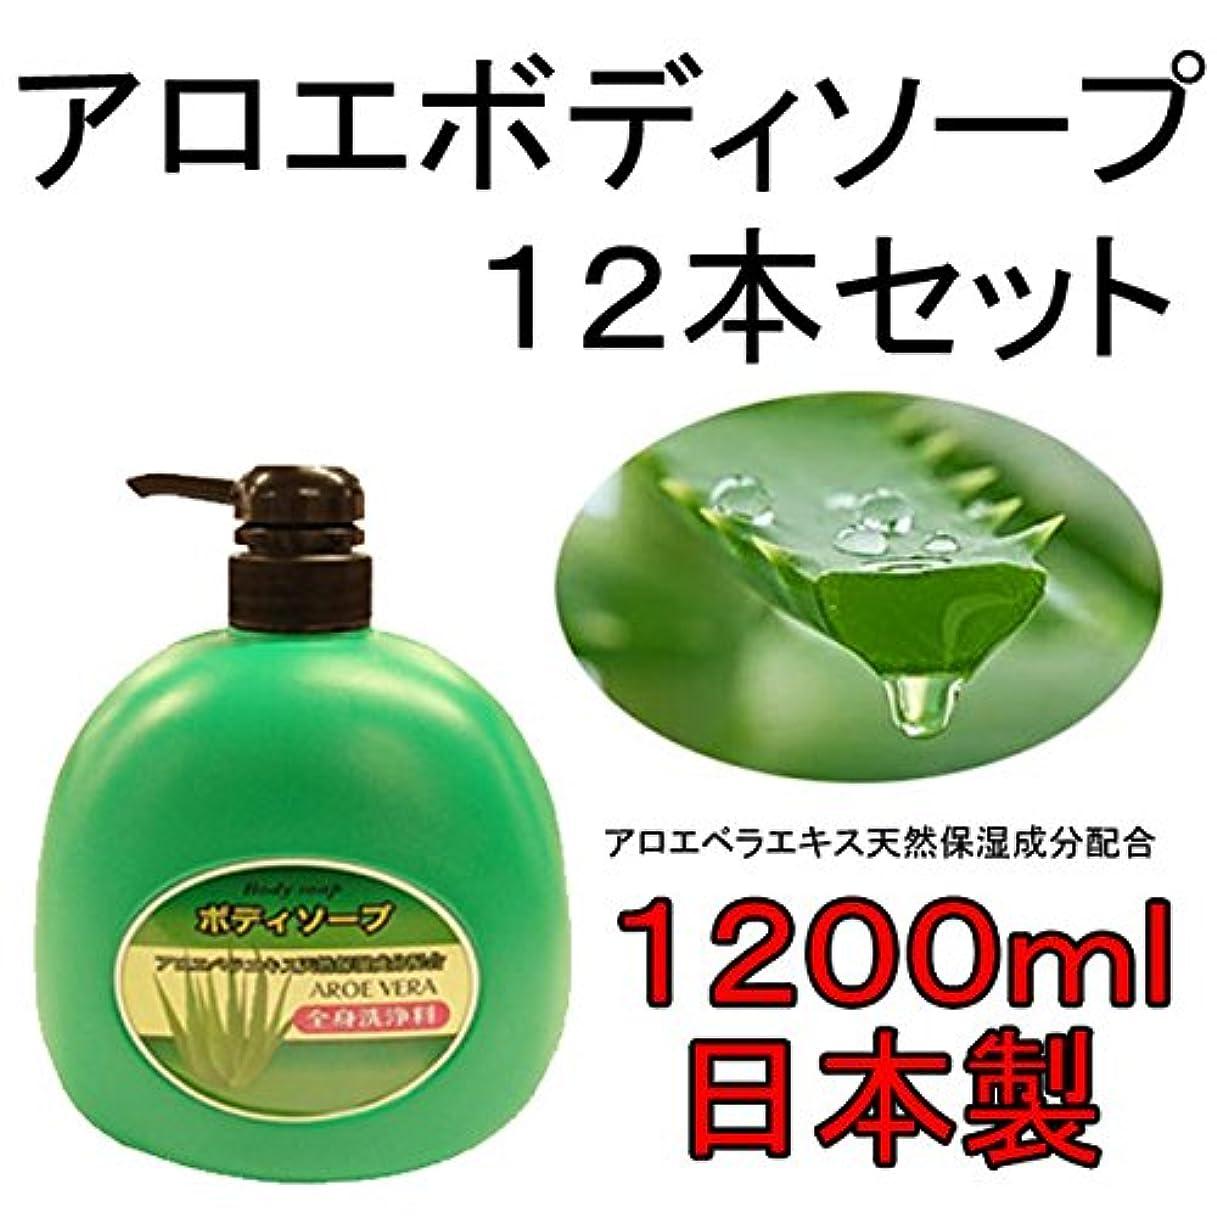 奇跡レンド注文高級アロエボディソープ12本セット アロエエキスたっぷりでお肌つるつる 国産?日本製で安心/約1年分1本1200mlの大容量でお得 液体ソープ ボディソープ ボディシャンプー 風呂用 石鹸 せっけん 全身用ソープ body soap aroe あろえ